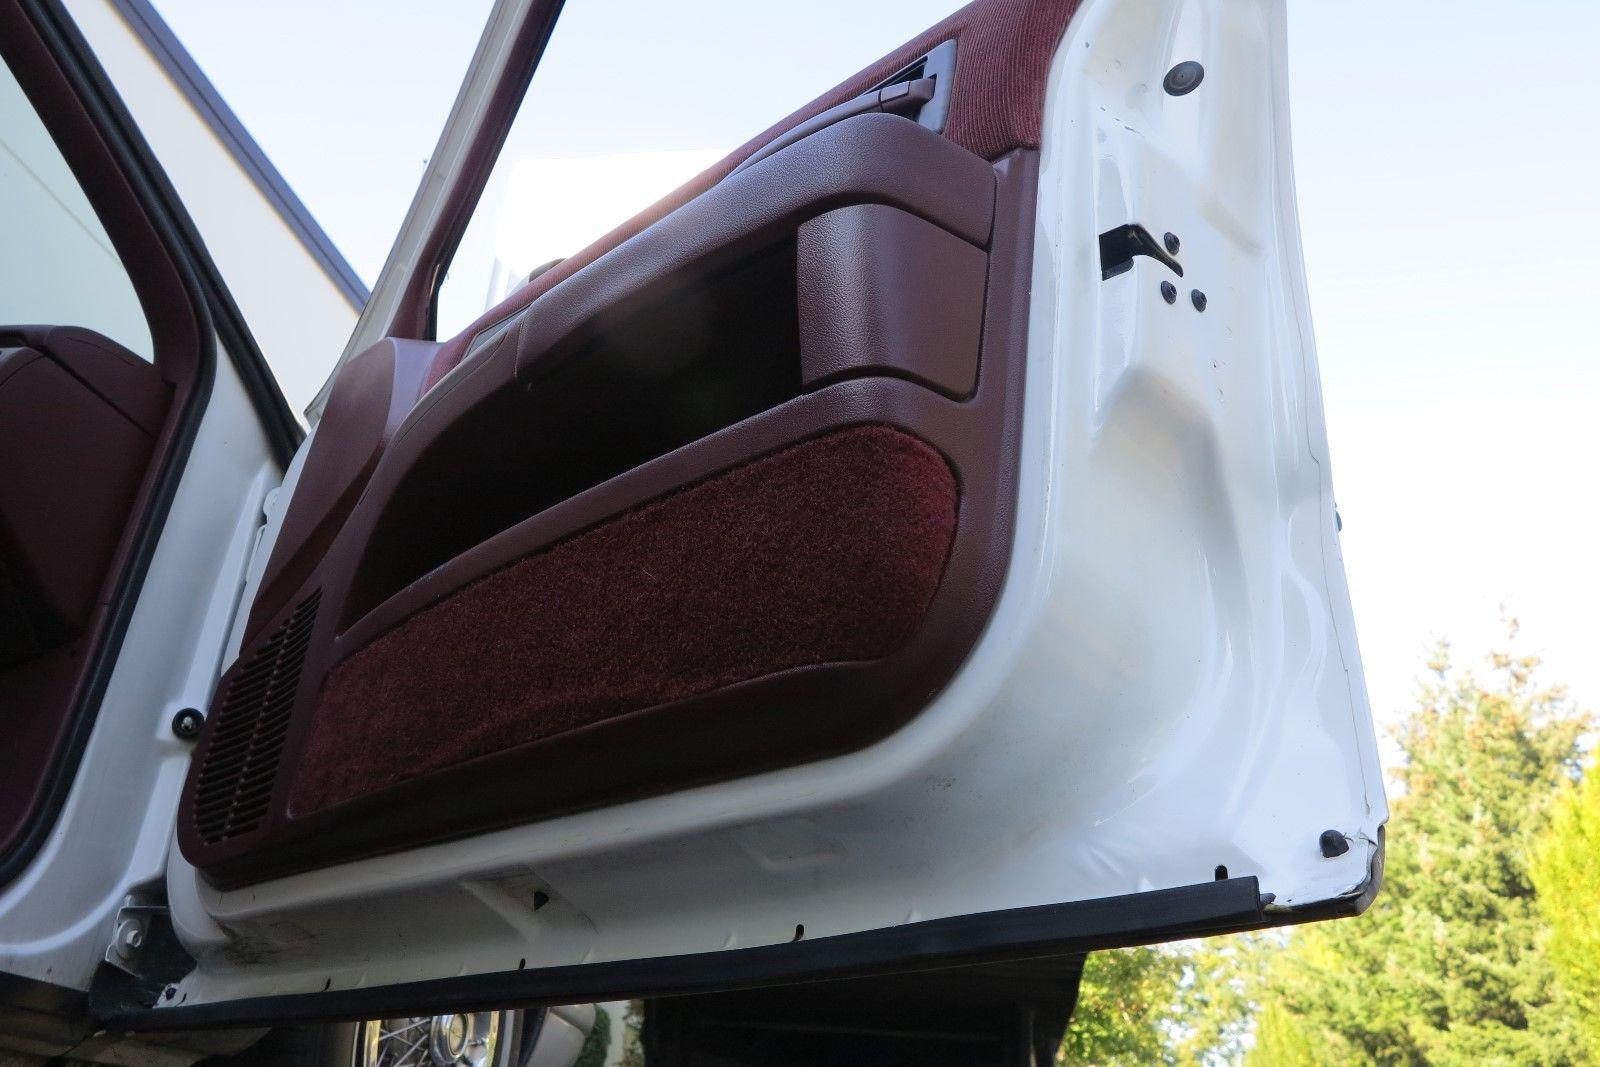 1991 Chevrolet Caprice Classic Wagon underside door